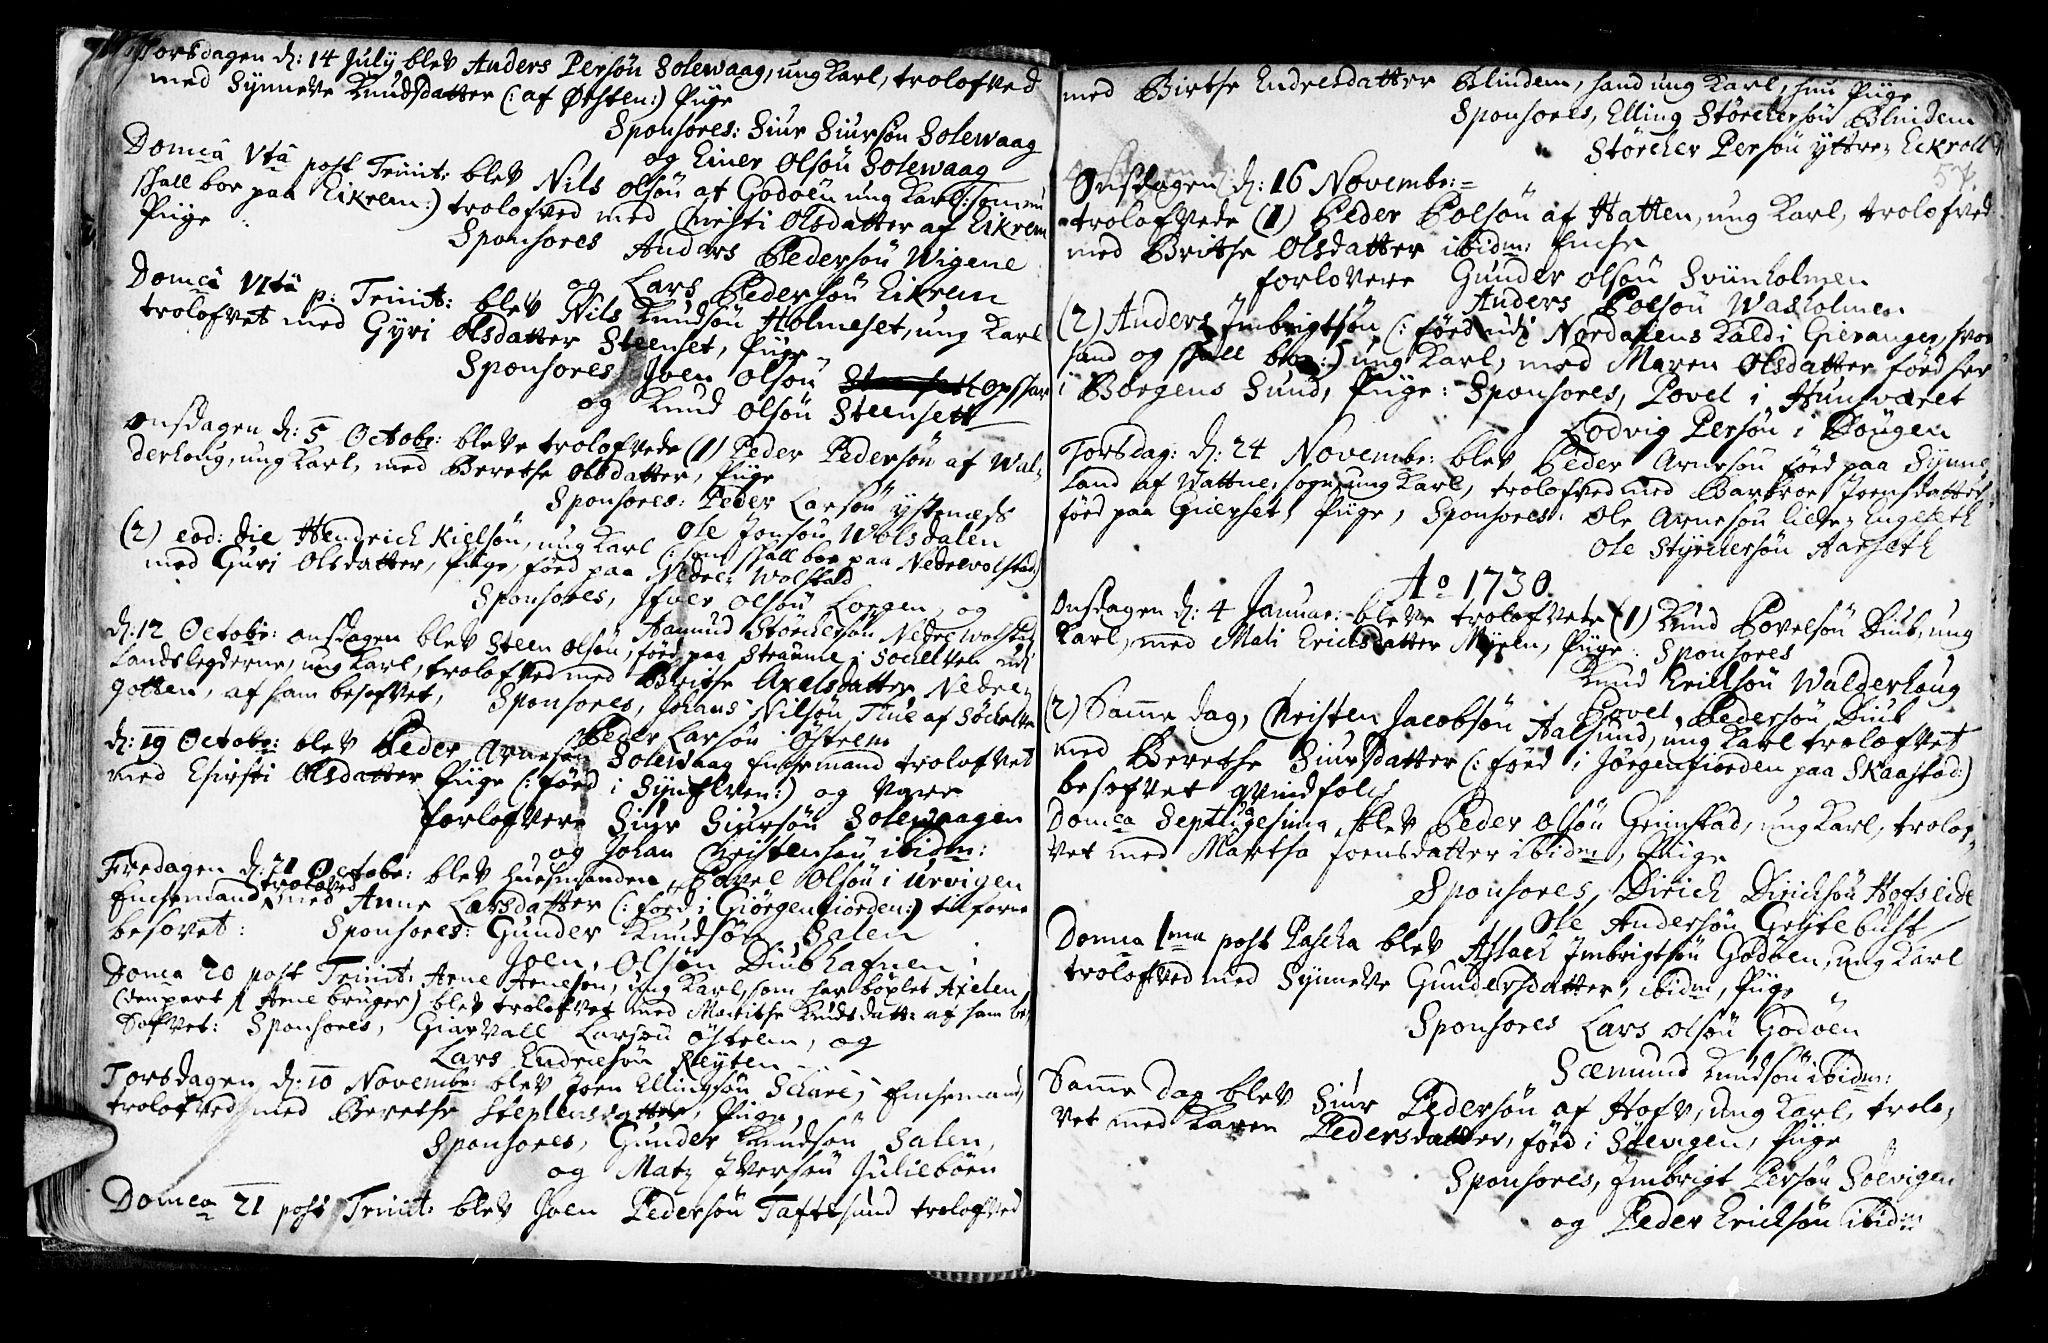 SAT, Ministerialprotokoller, klokkerbøker og fødselsregistre - Møre og Romsdal, 528/L0390: Ministerialbok nr. 528A01, 1698-1739, s. 56-57